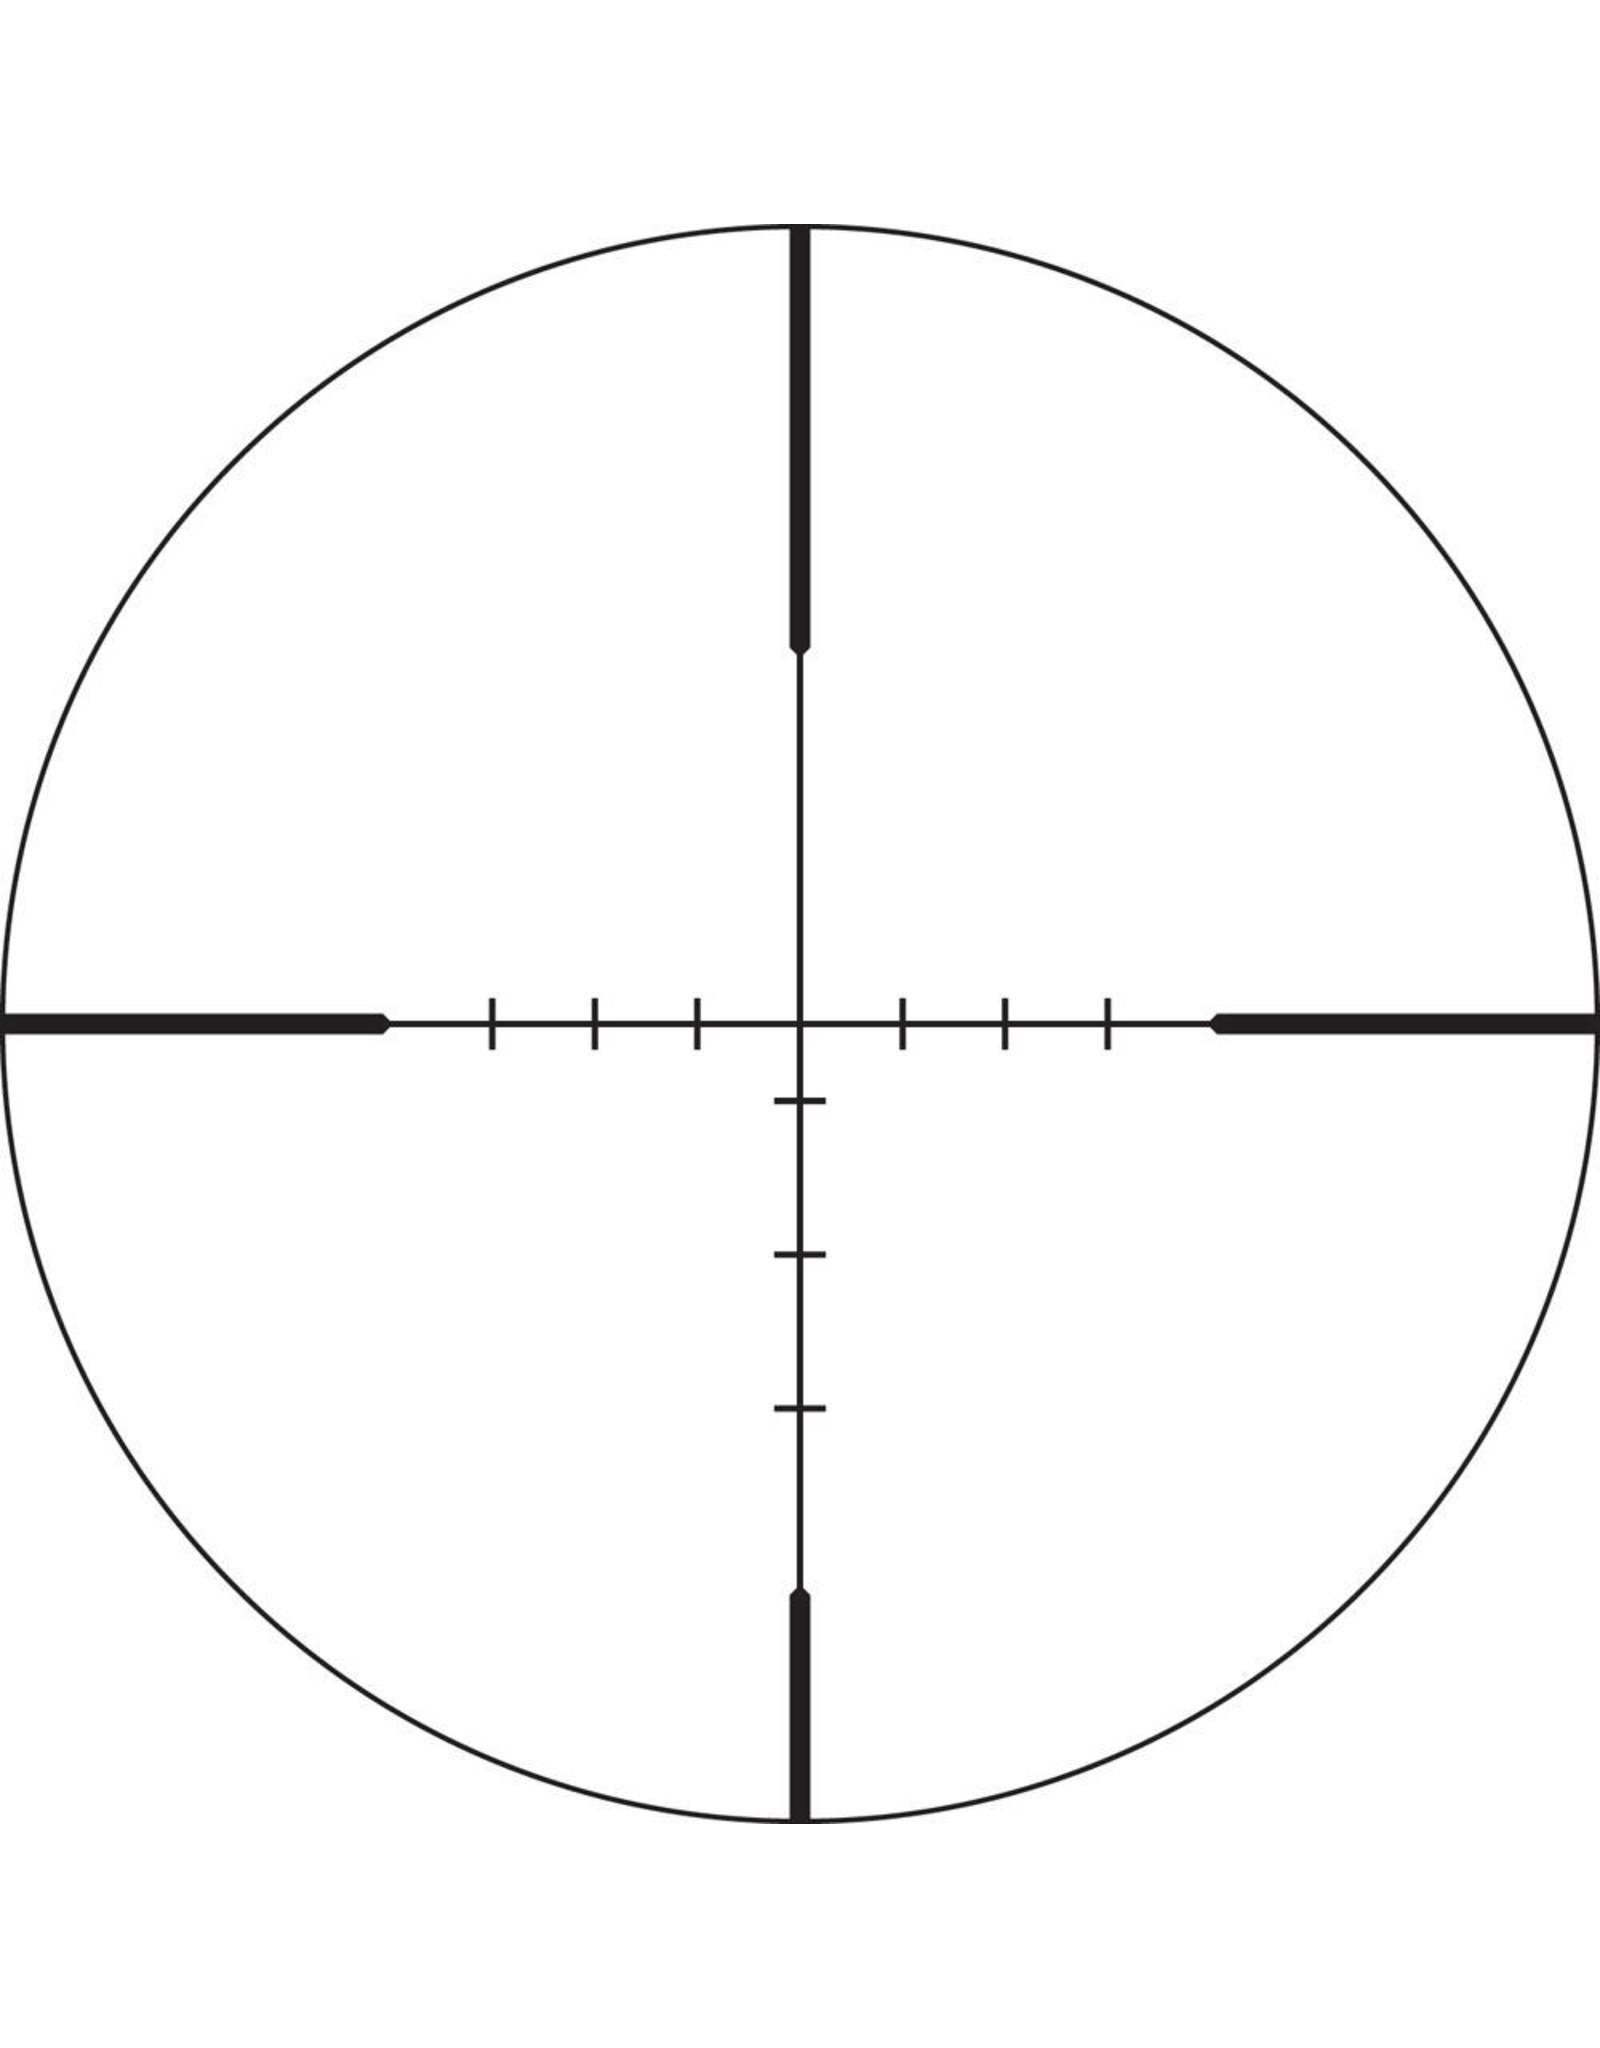 Vortex Vortex Crossfire II 3-9x50 Riflescope (1-Inch) BDC